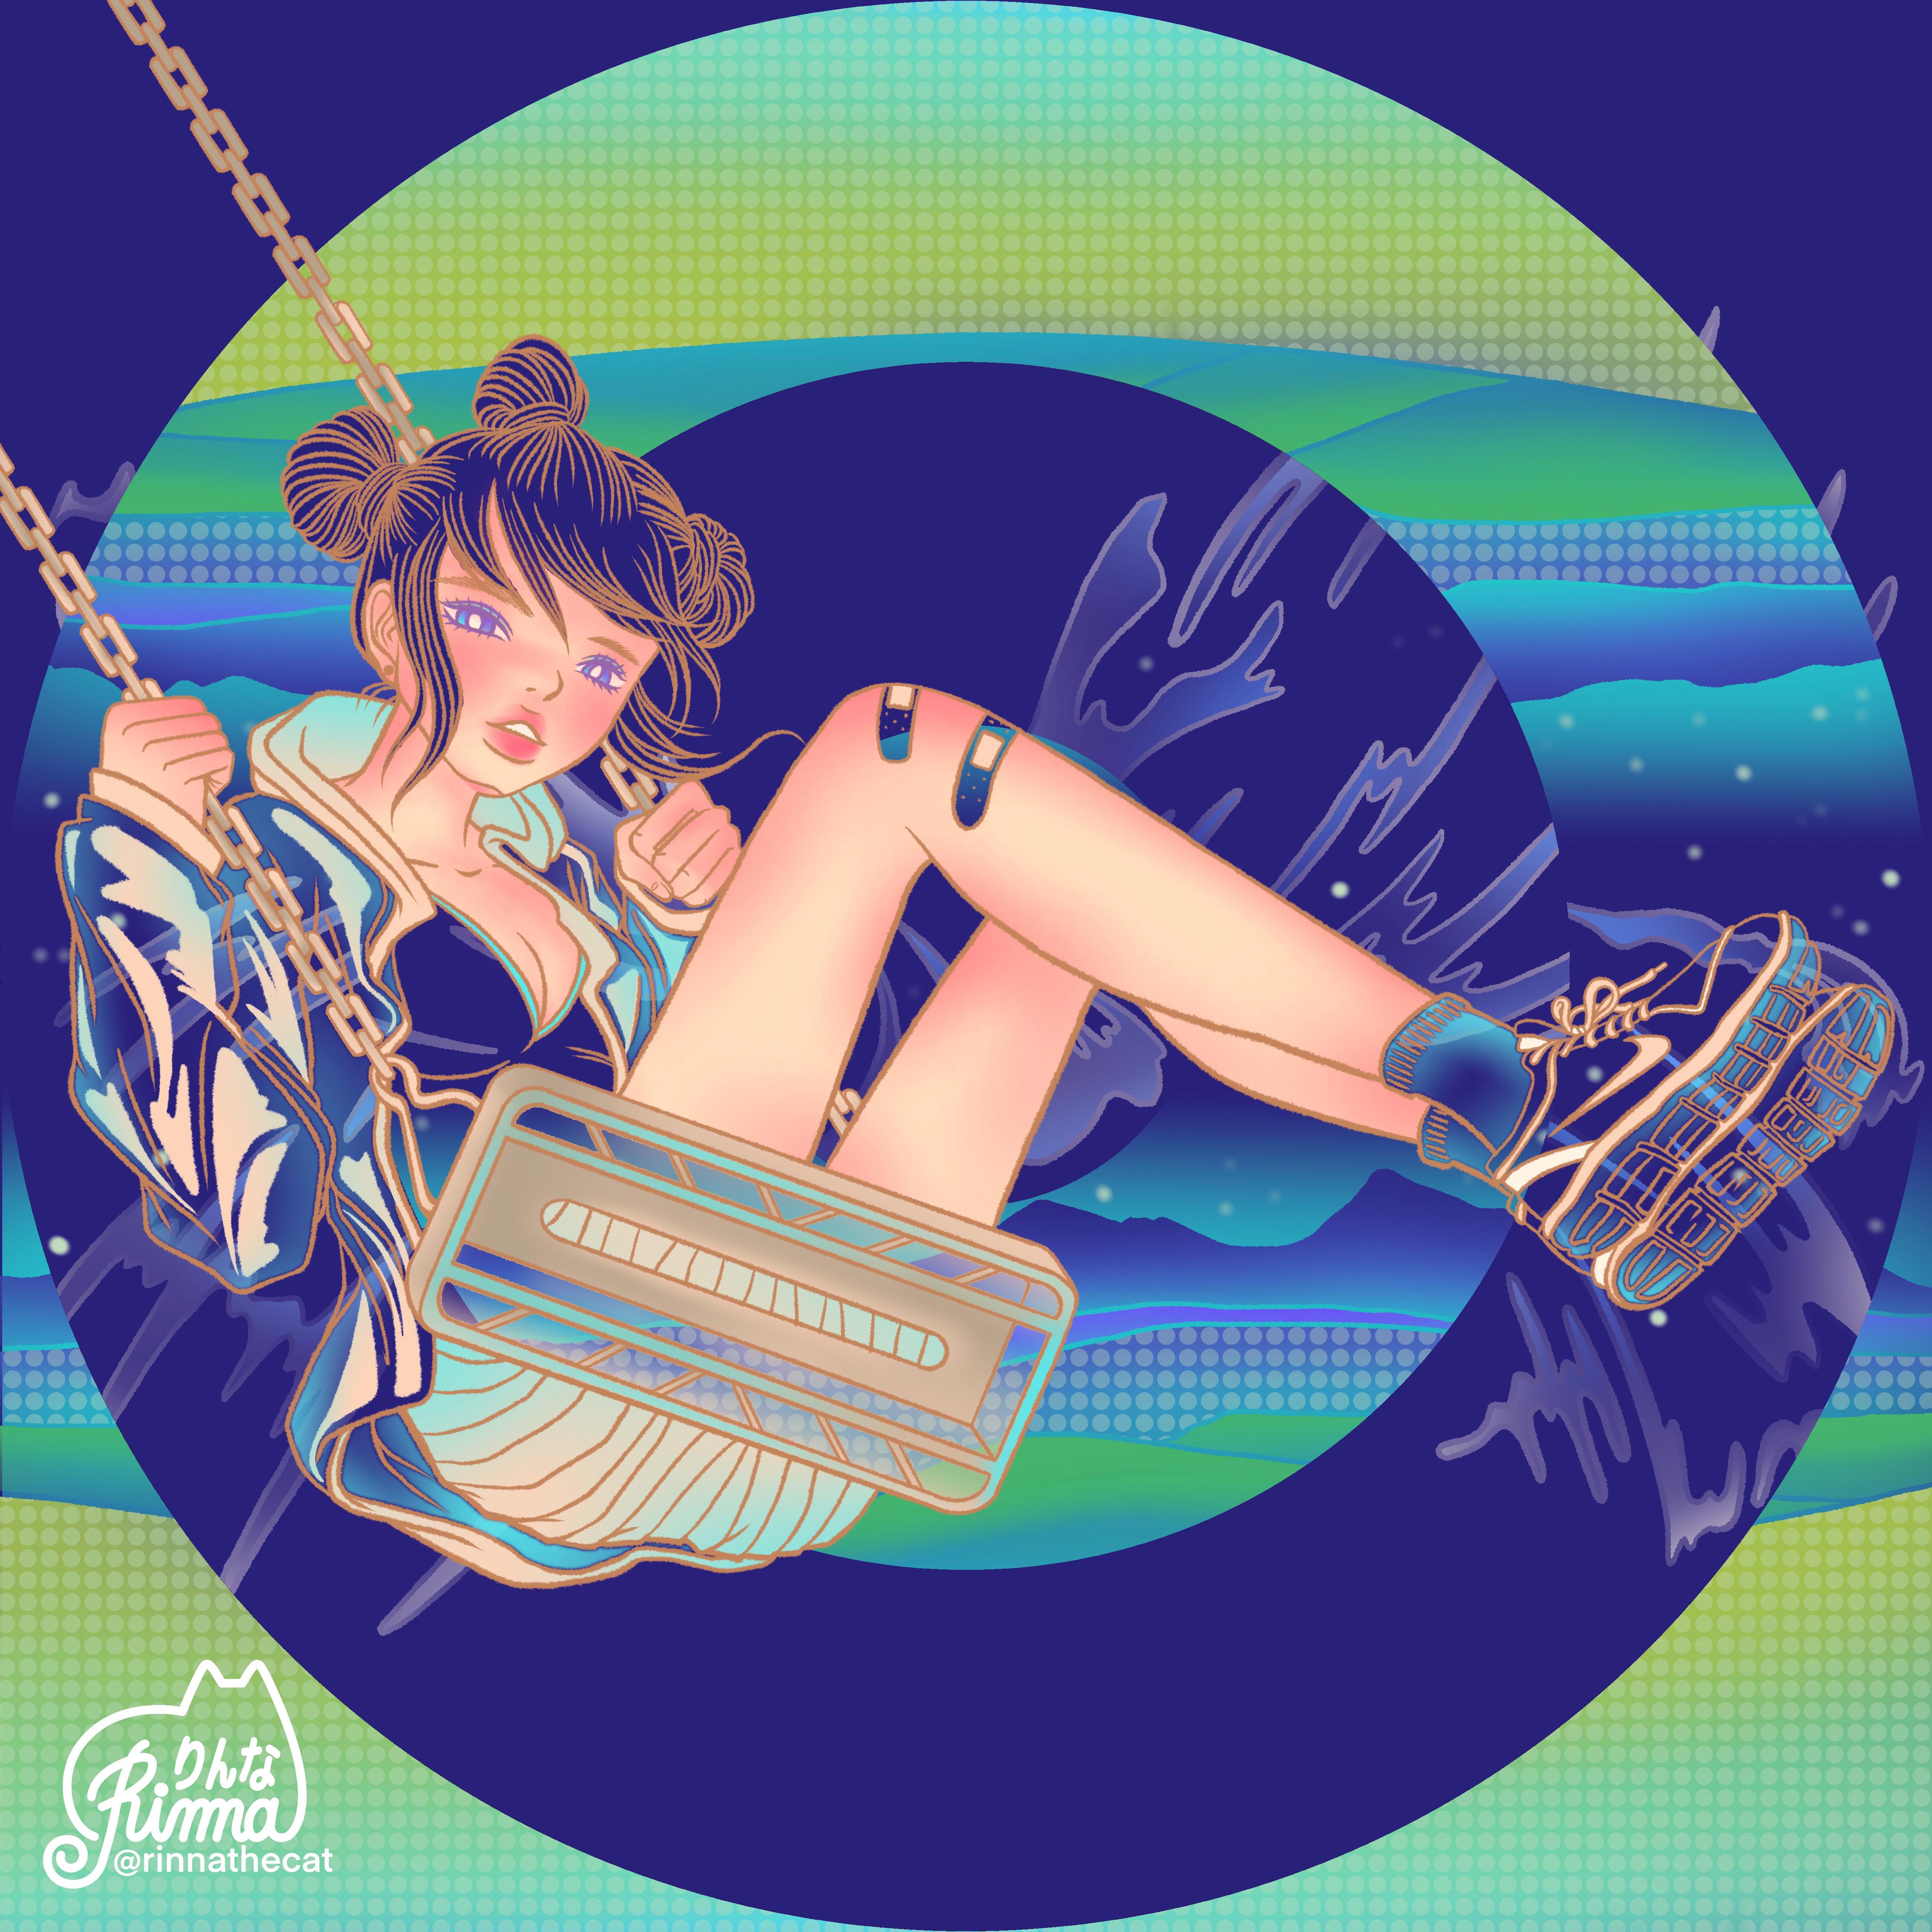 Ubuyama Swing